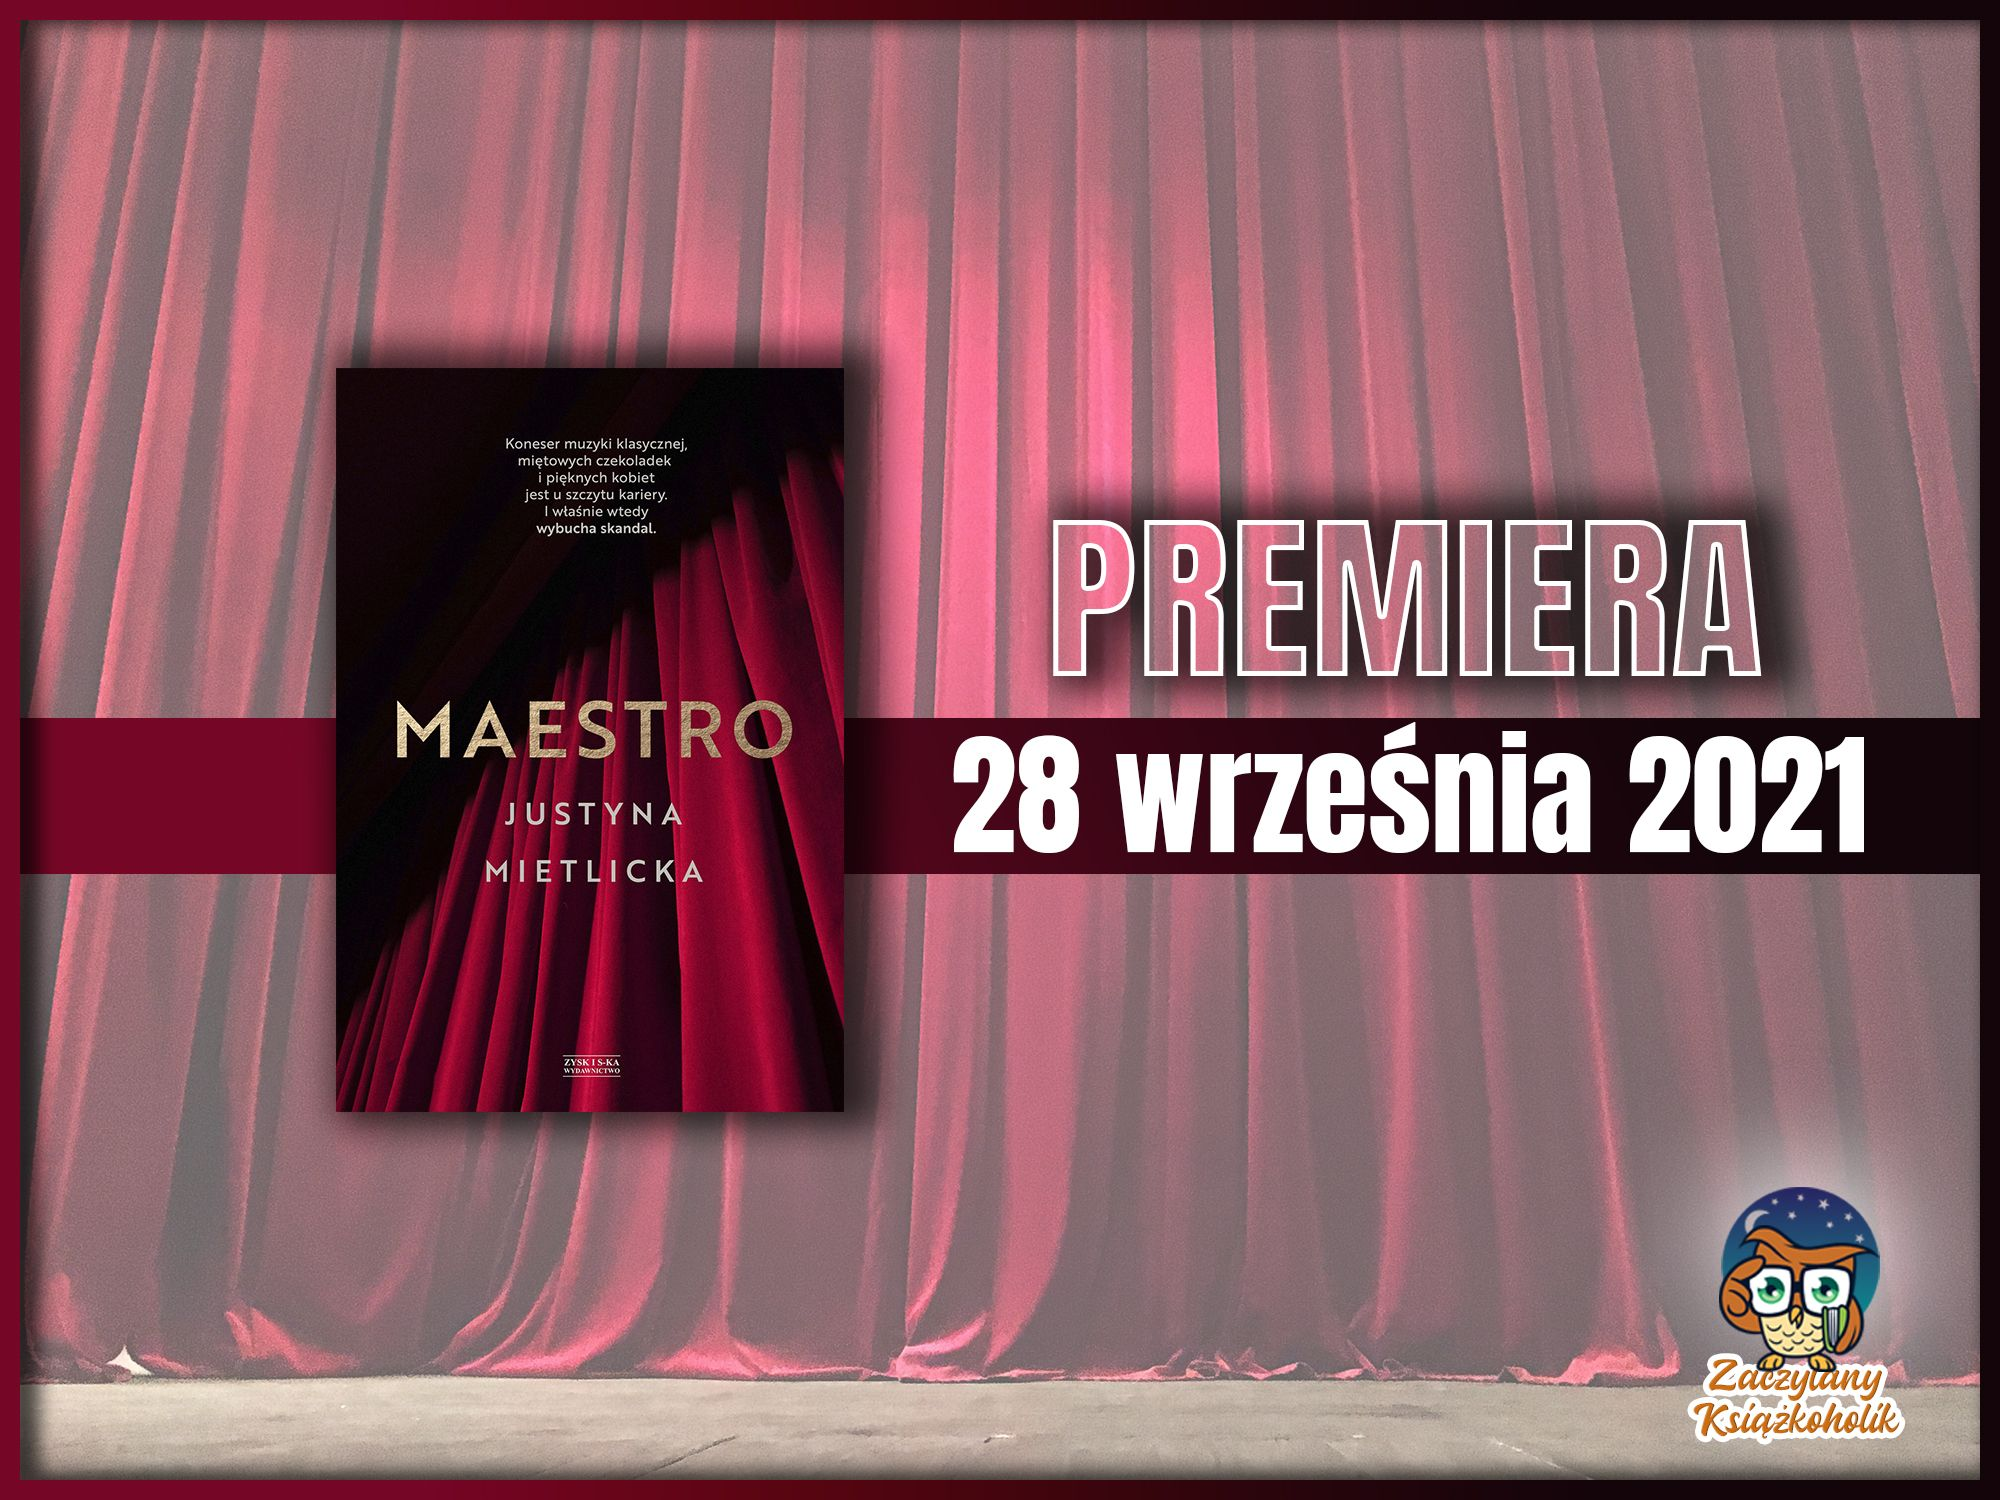 Maestro, Justyna Mietlicka, zaczytanyksiazkoholik.pl